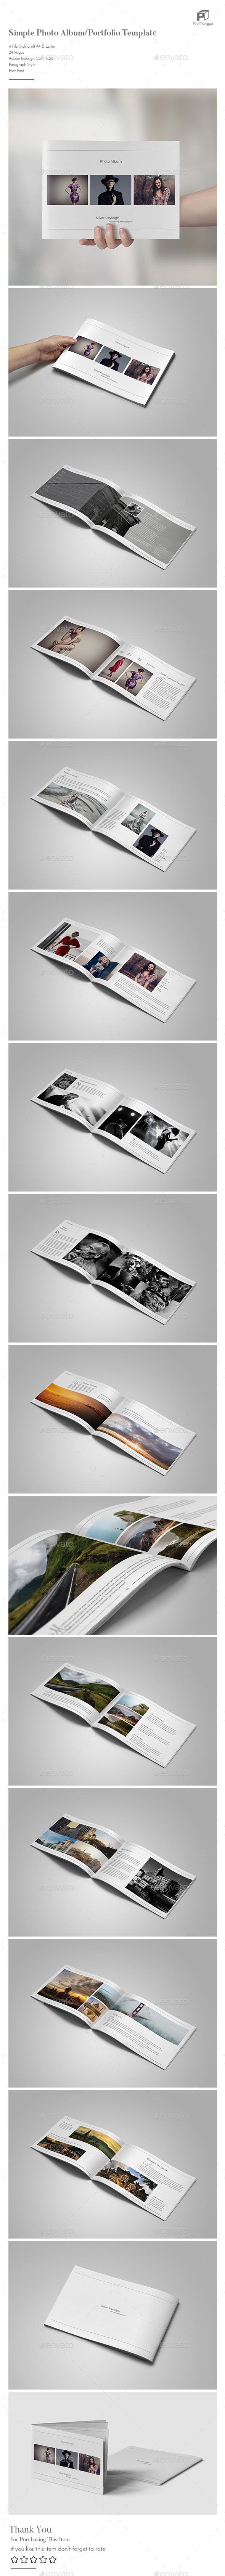 Simple Photo Album Template (Landscape) - Photo Albums Print Templates